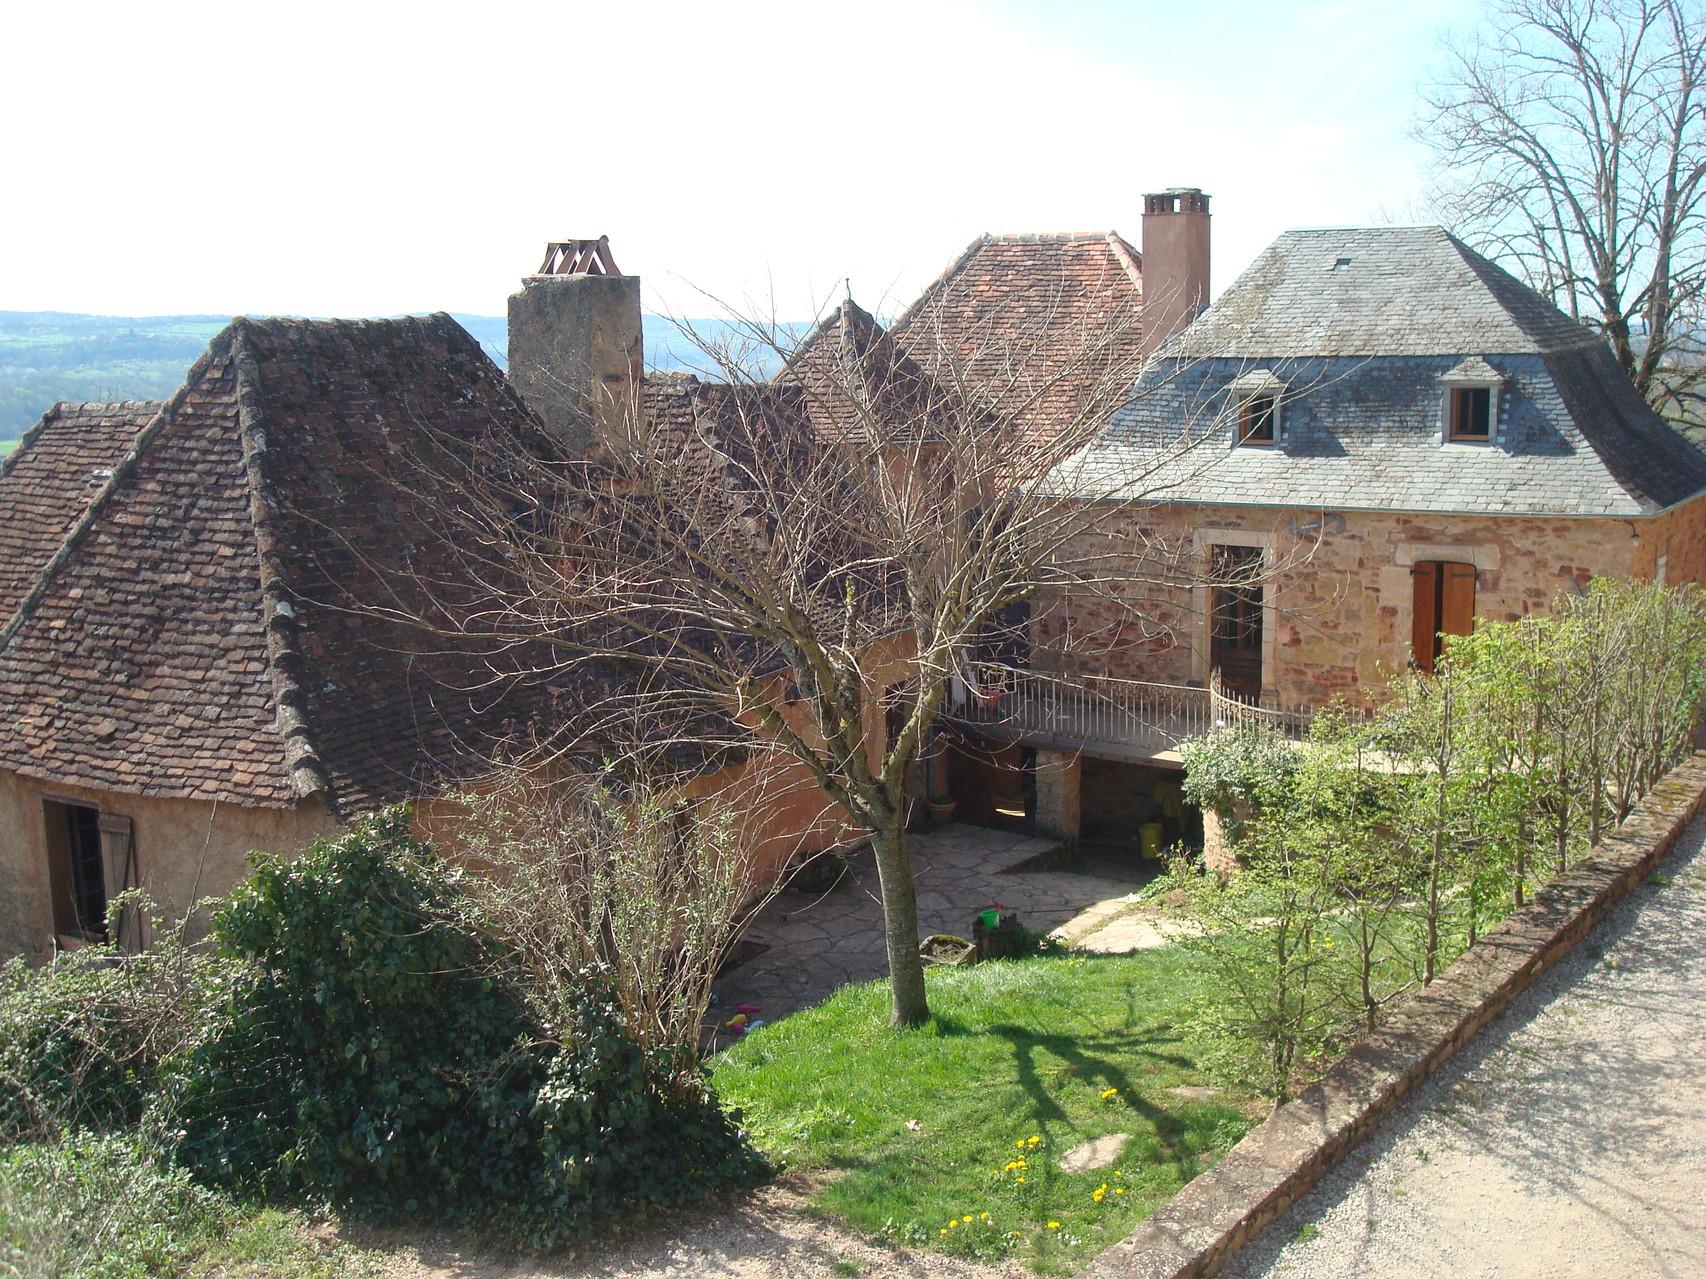 La maison de tuiles à gauche, la maison d'ardoises à droite